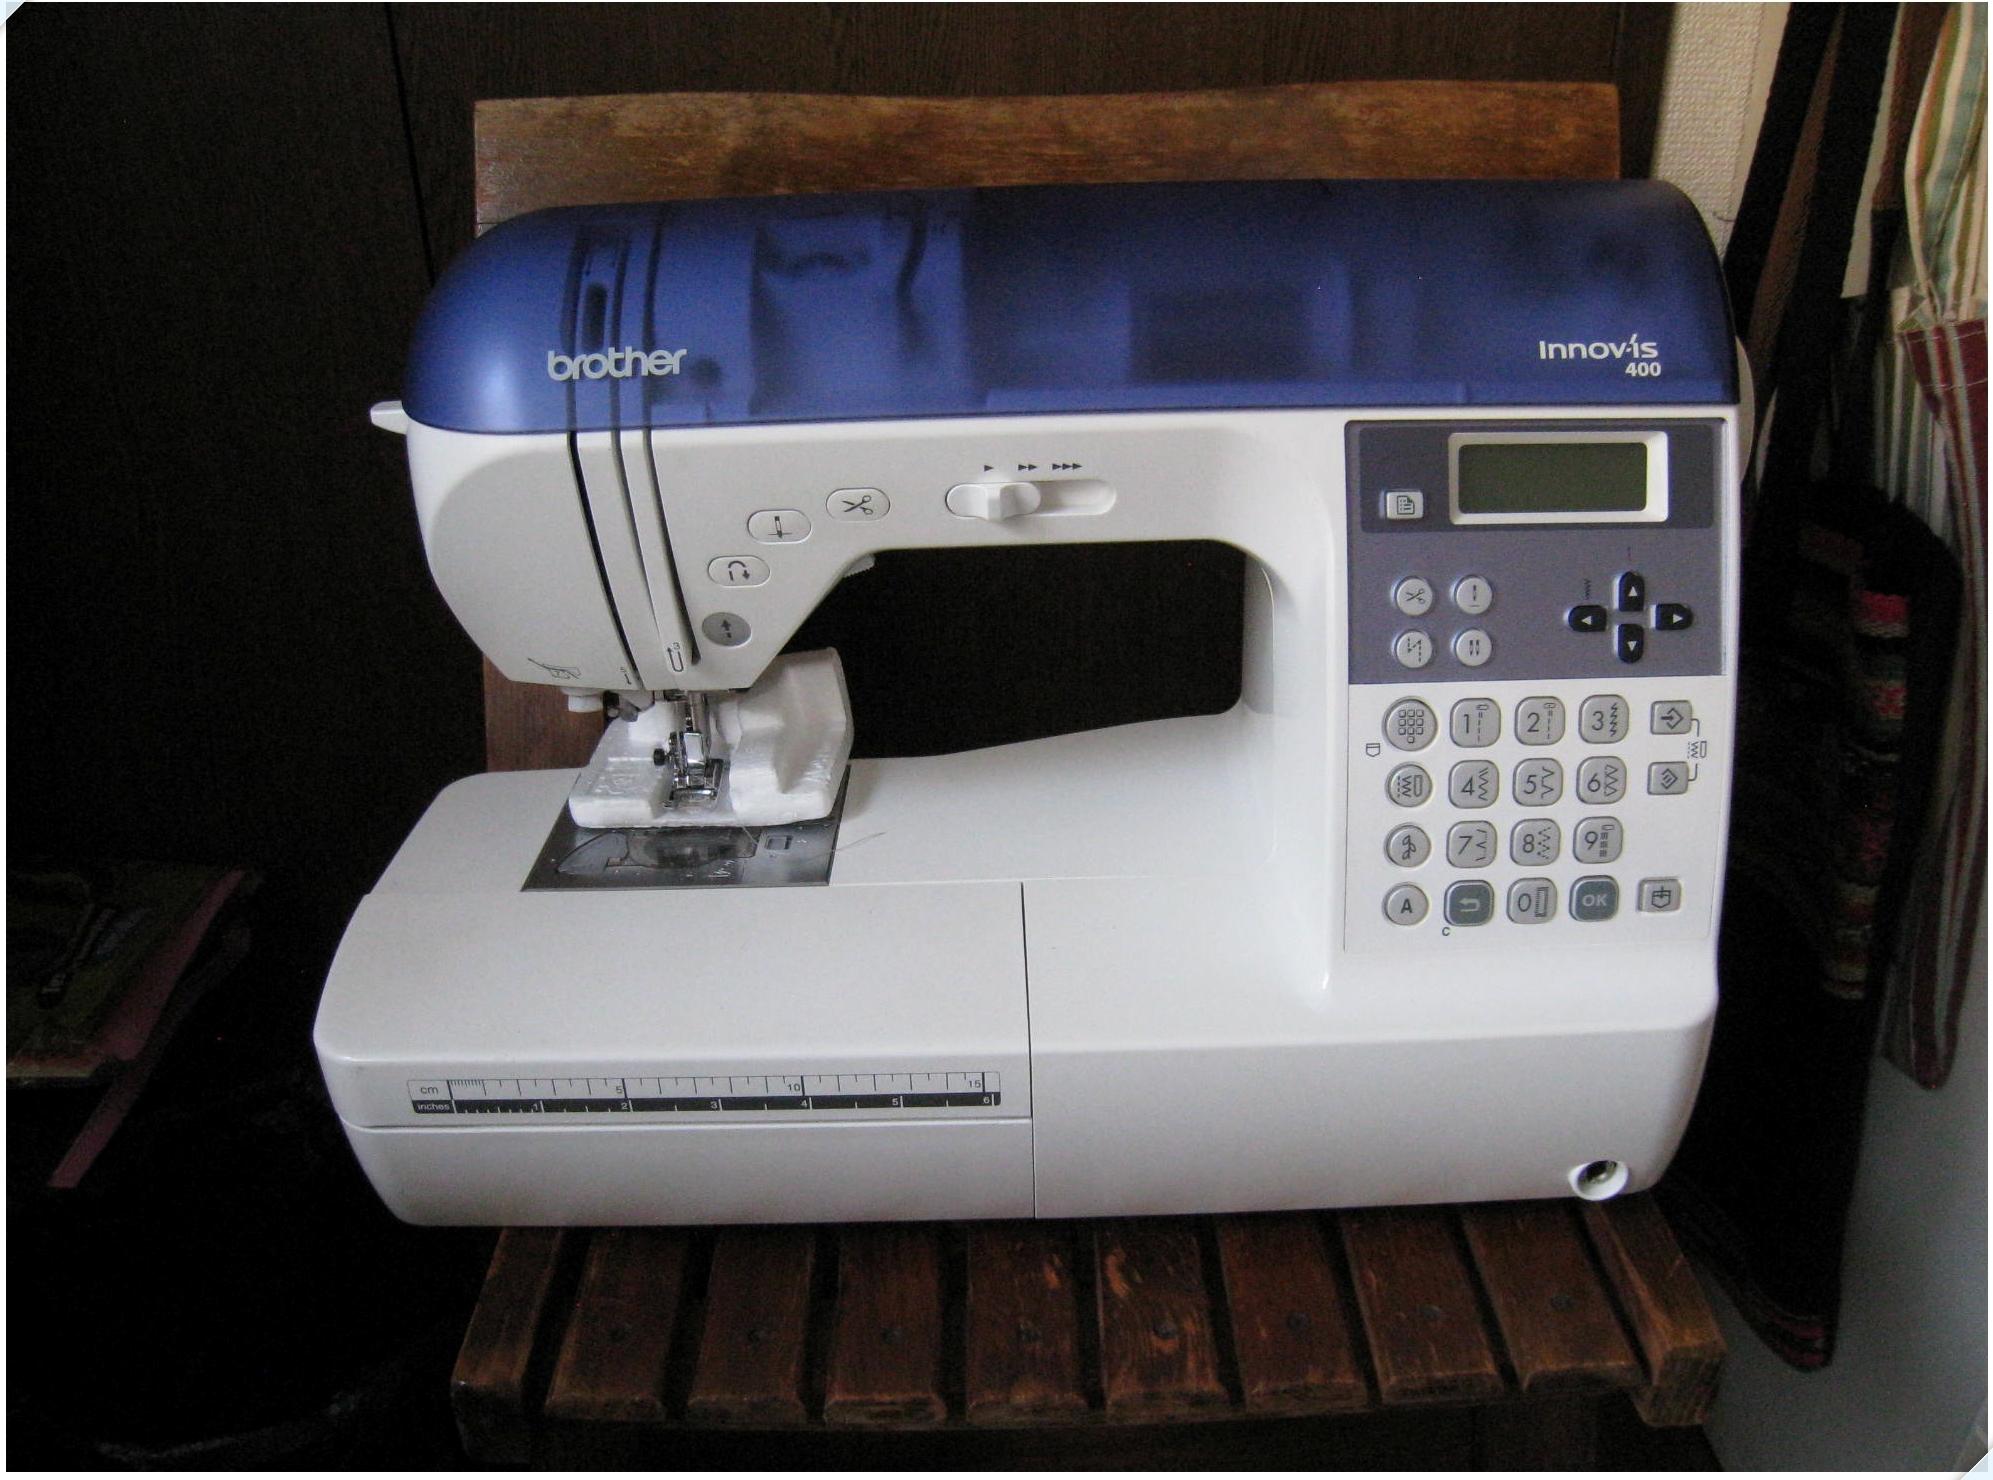 machine_1_1031.jpg